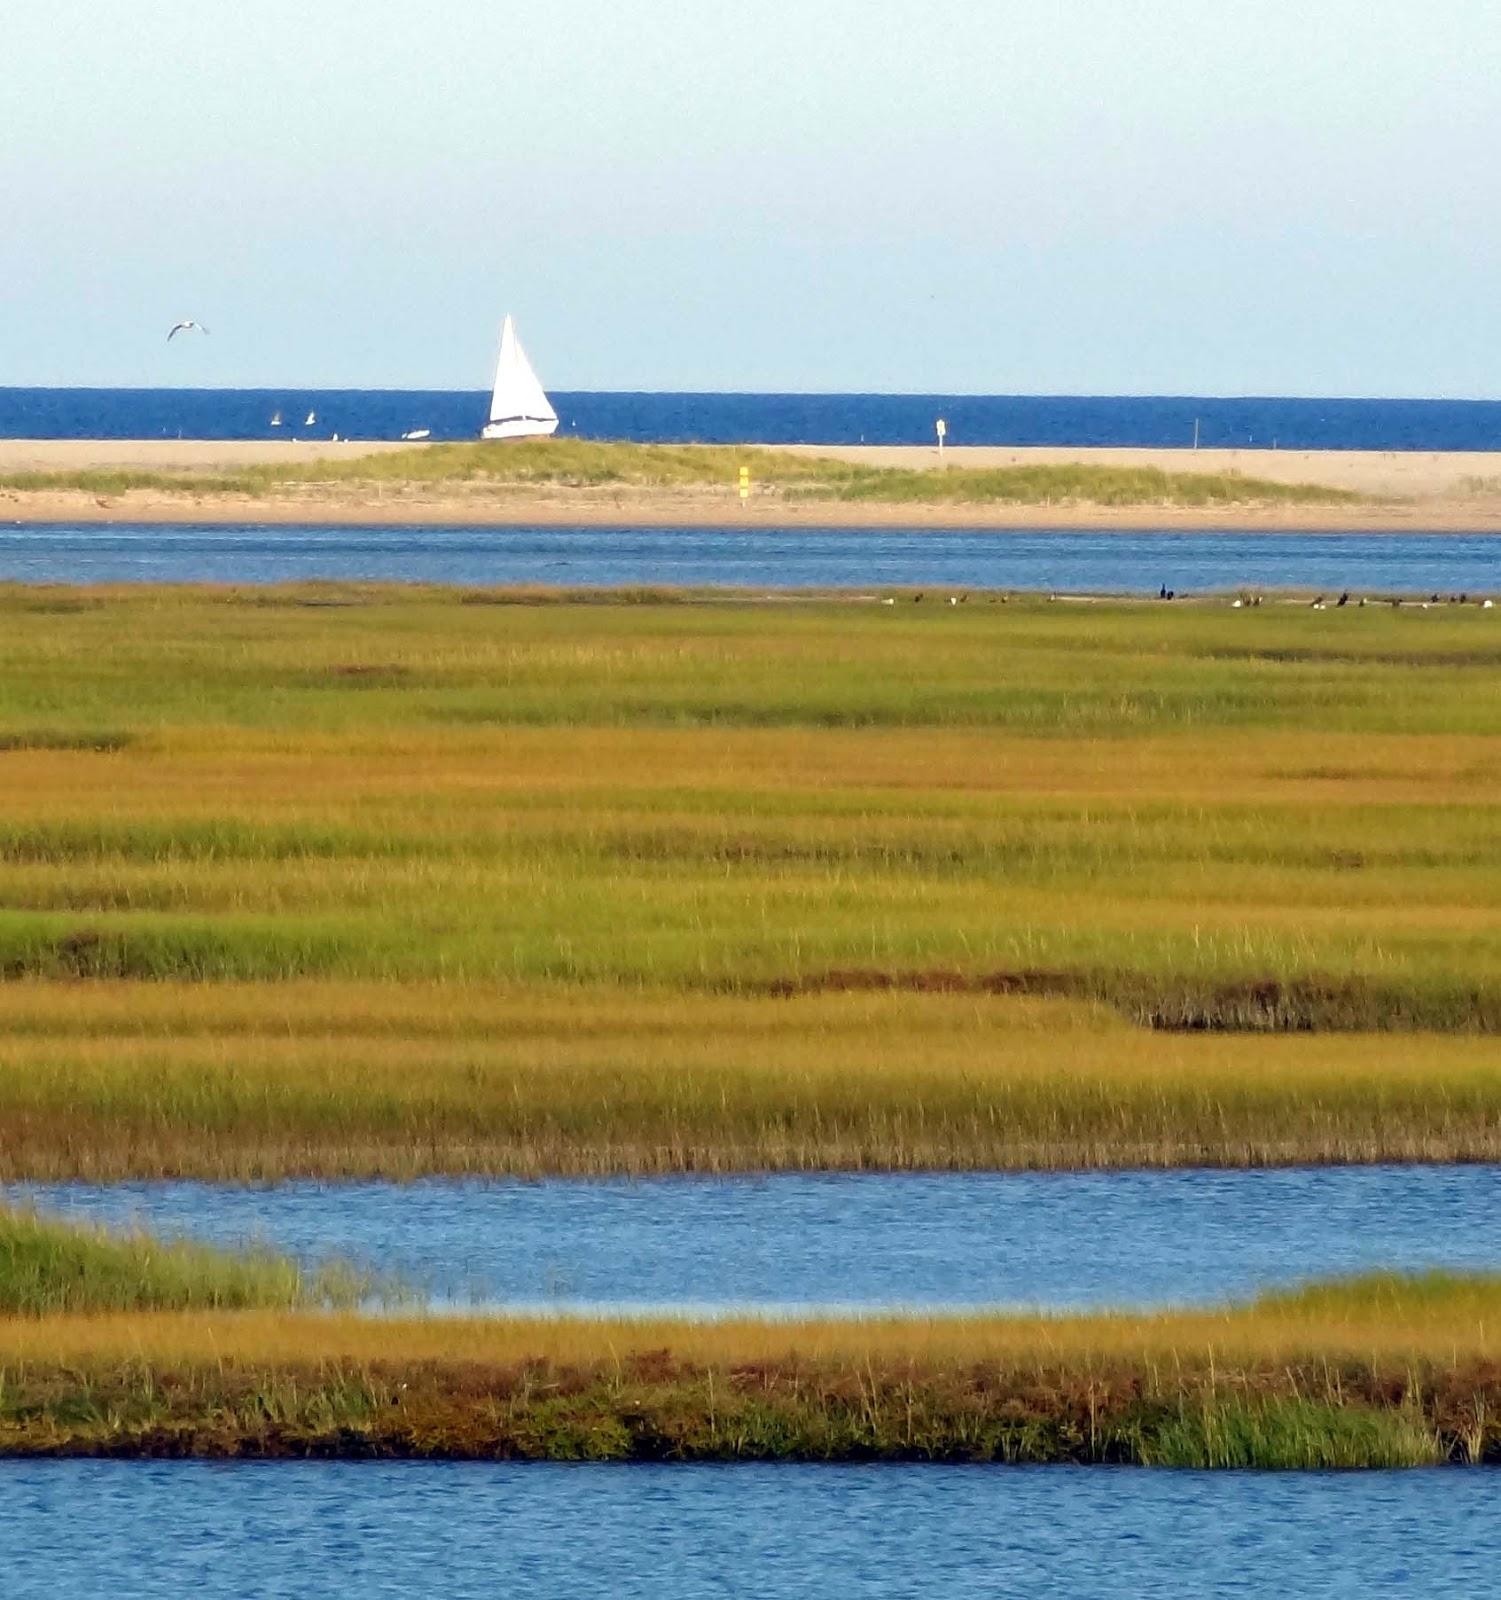 Joe's Retirement Blog: Fort Hill, Eastham, Cape Cod